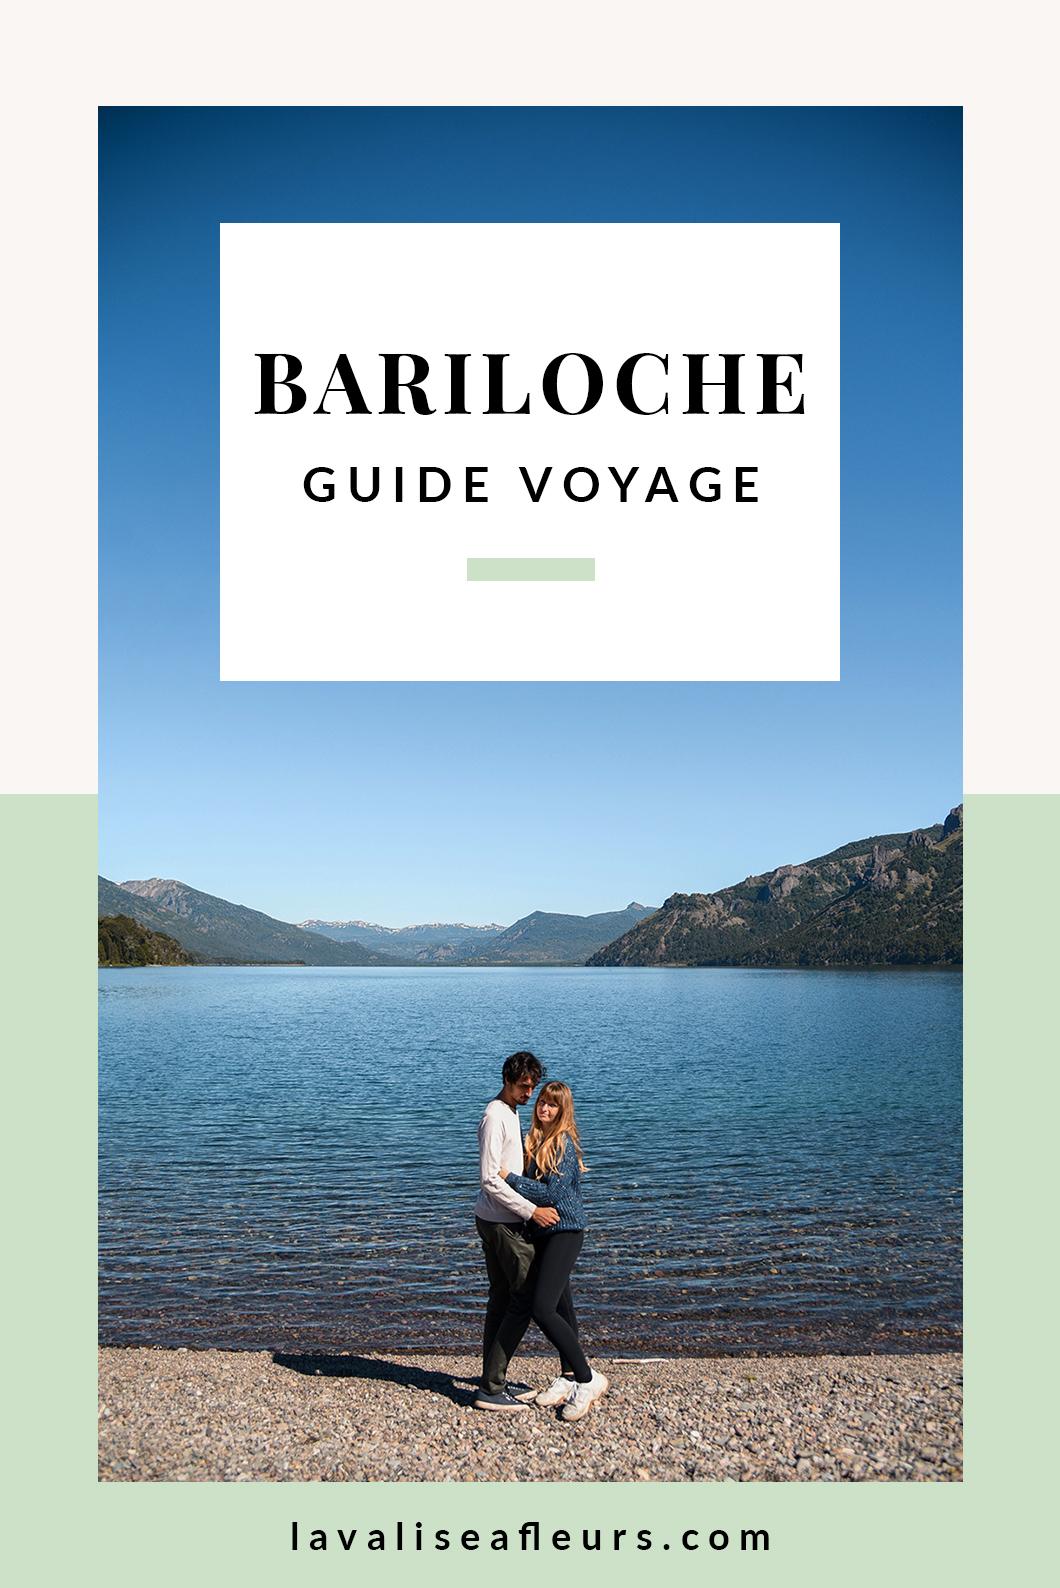 Bariloche guide voyage